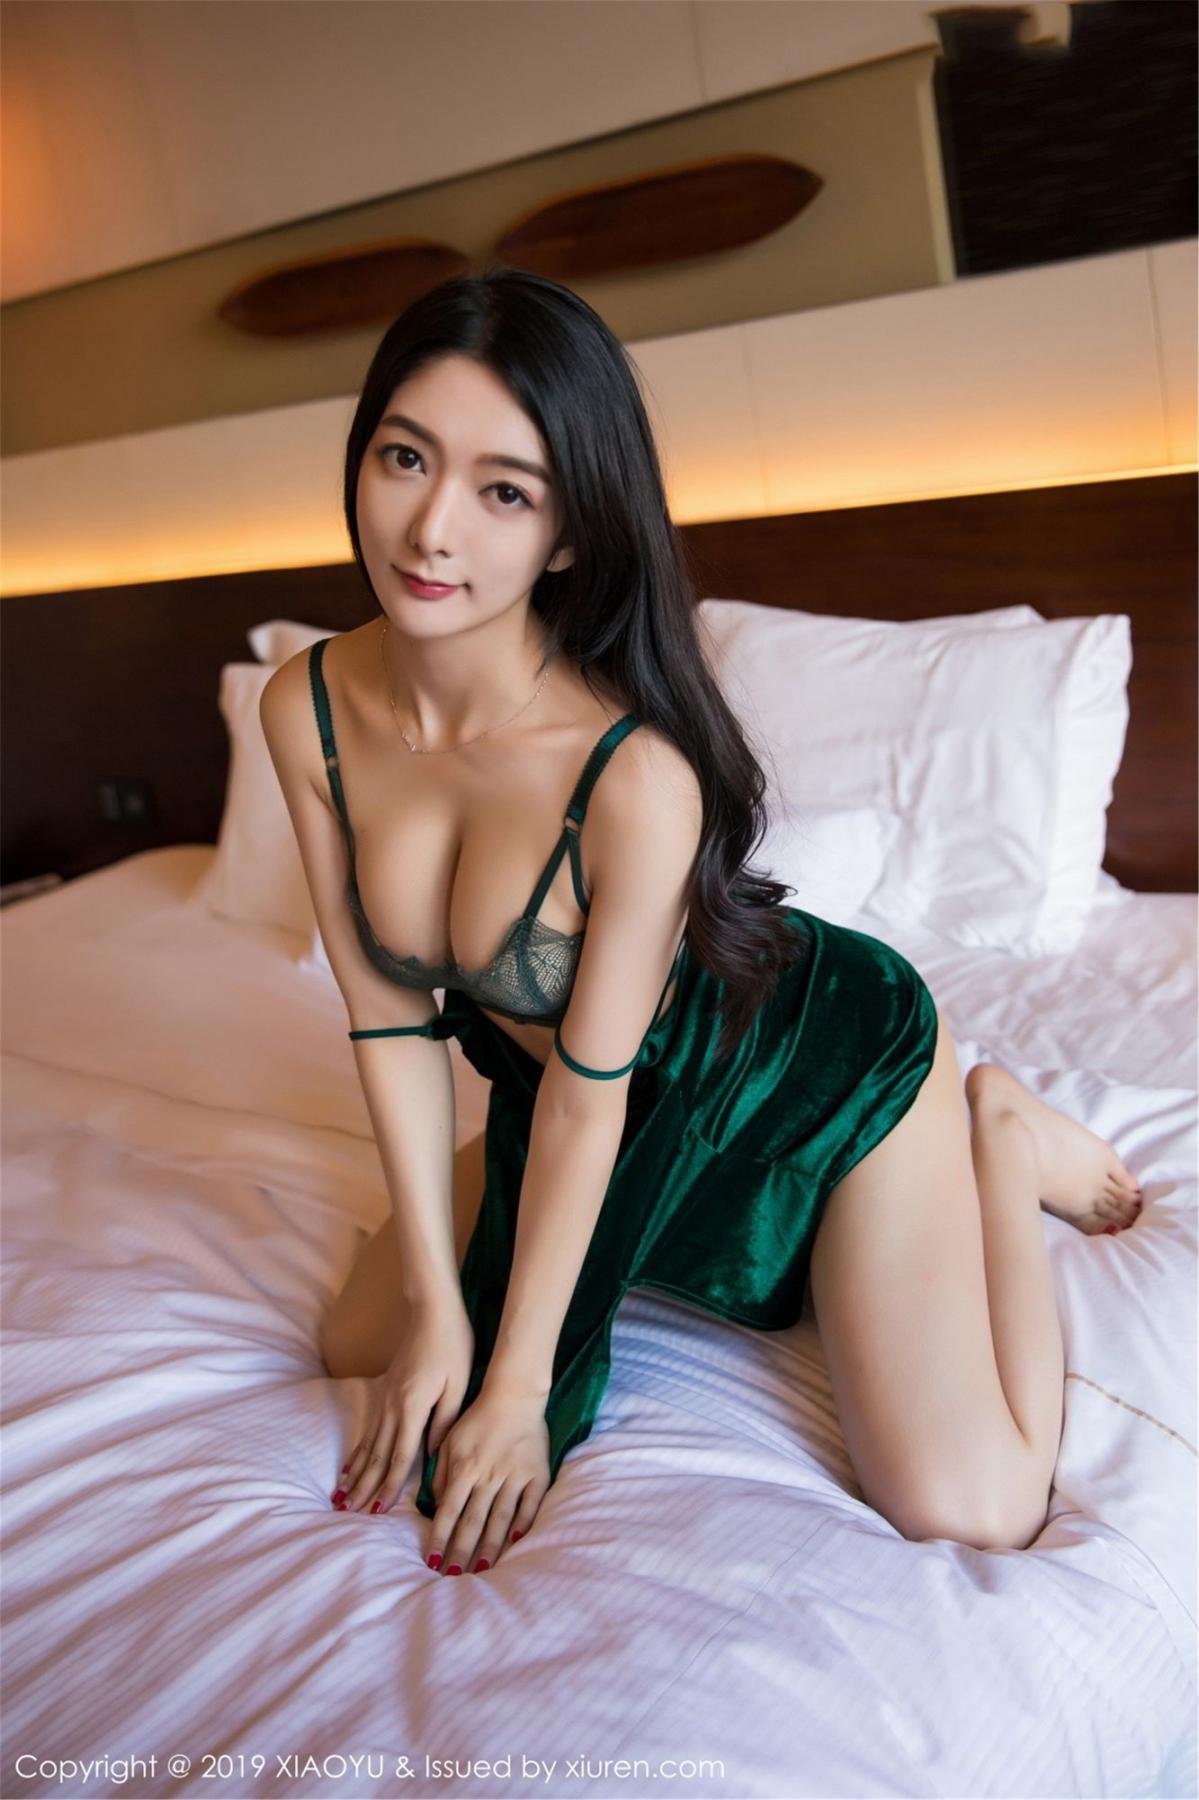 [XiaoYu] Vol.074 Angela Xi Huan Mao 2P, Di Yi, Underwear, XiaoYu